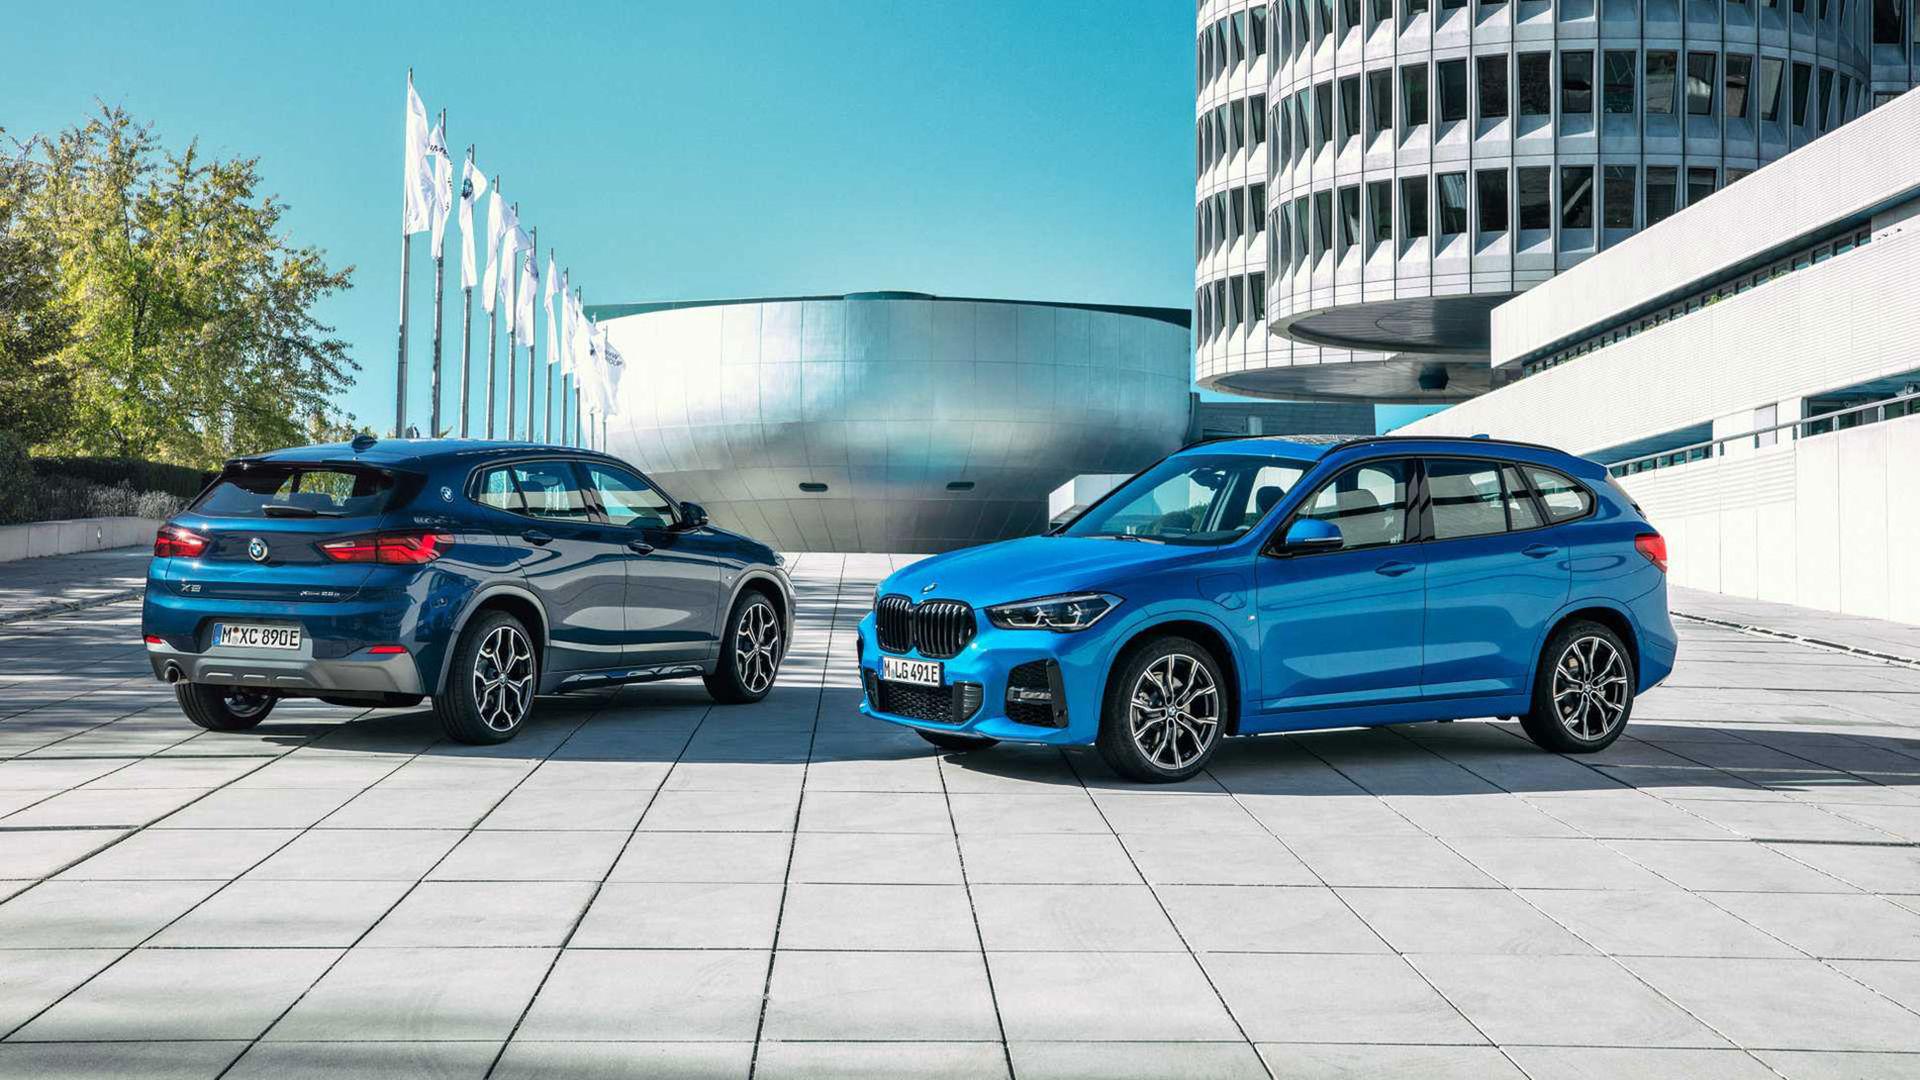 BMW X2 nu även som laddhybrid